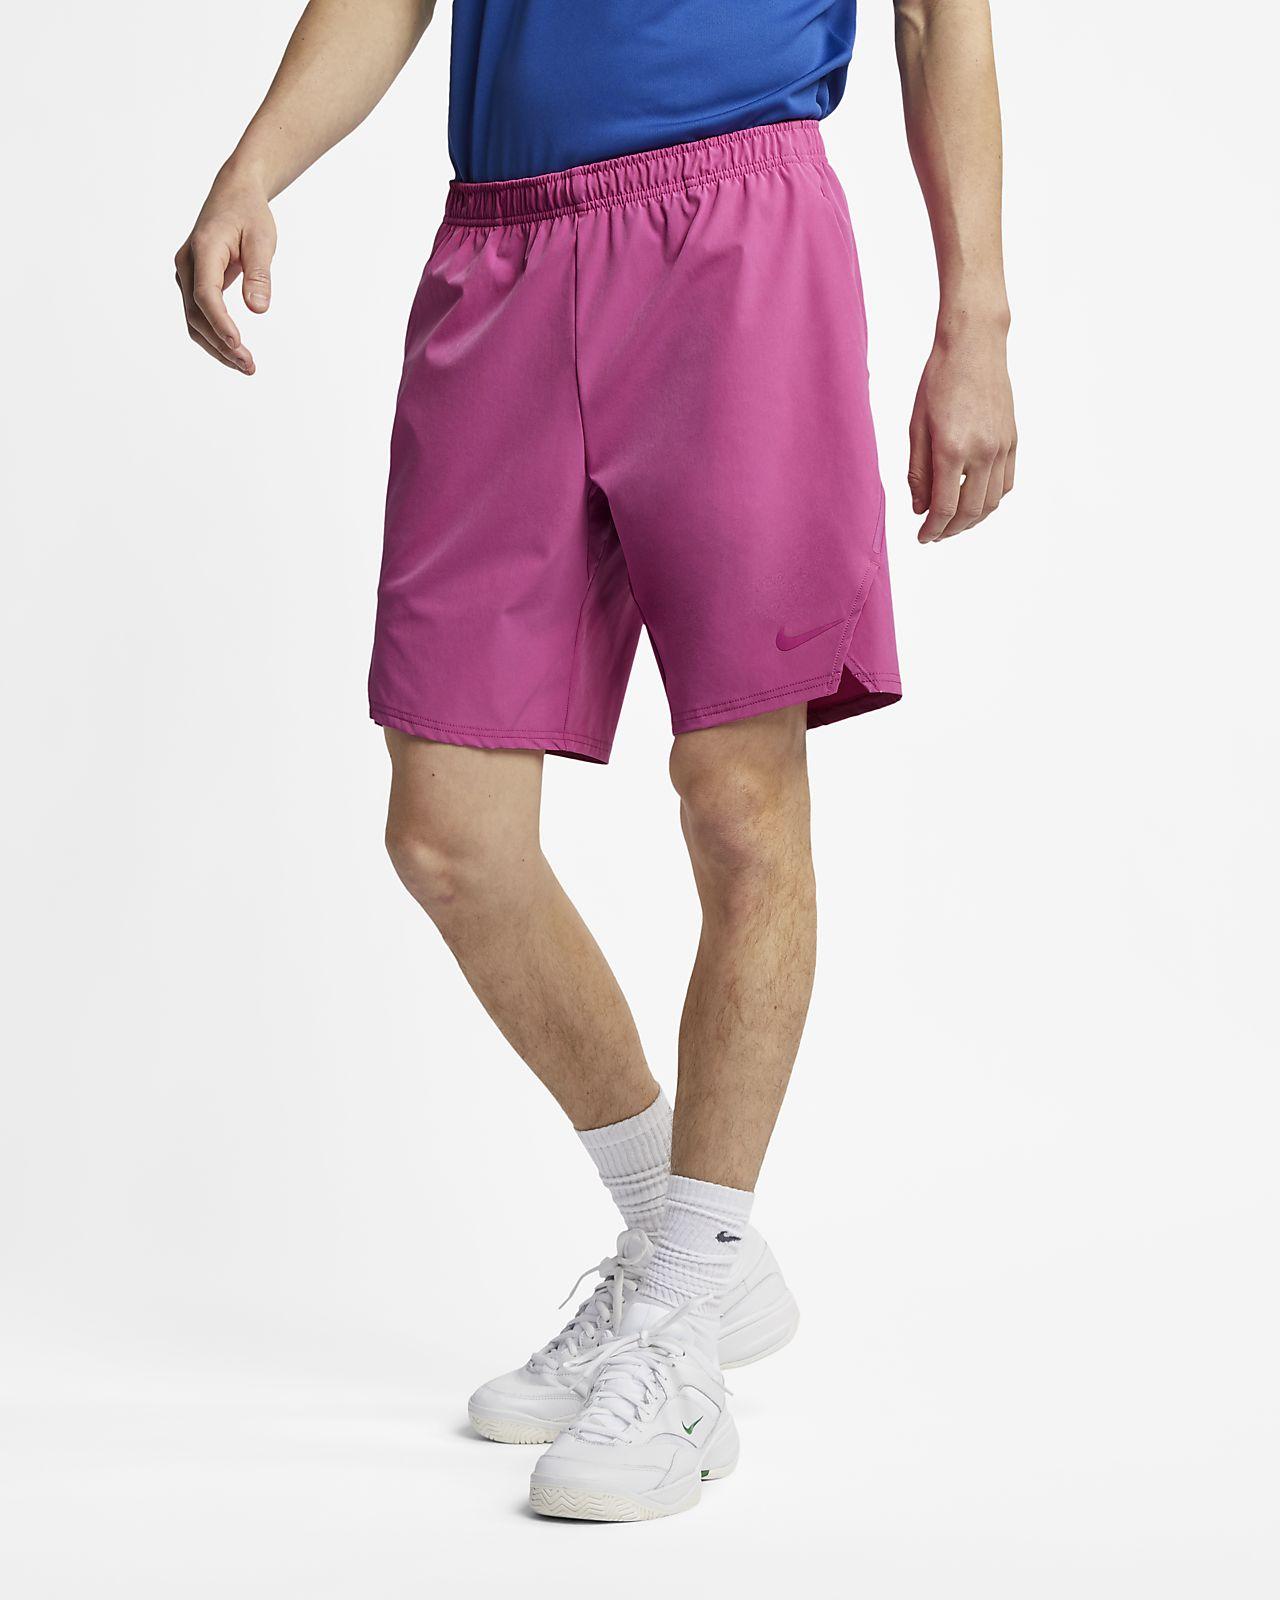 92937747e0 Ace Ch Nikecourt Cm Flex Pour De Homme Short 23 Tennis OSqUxwI